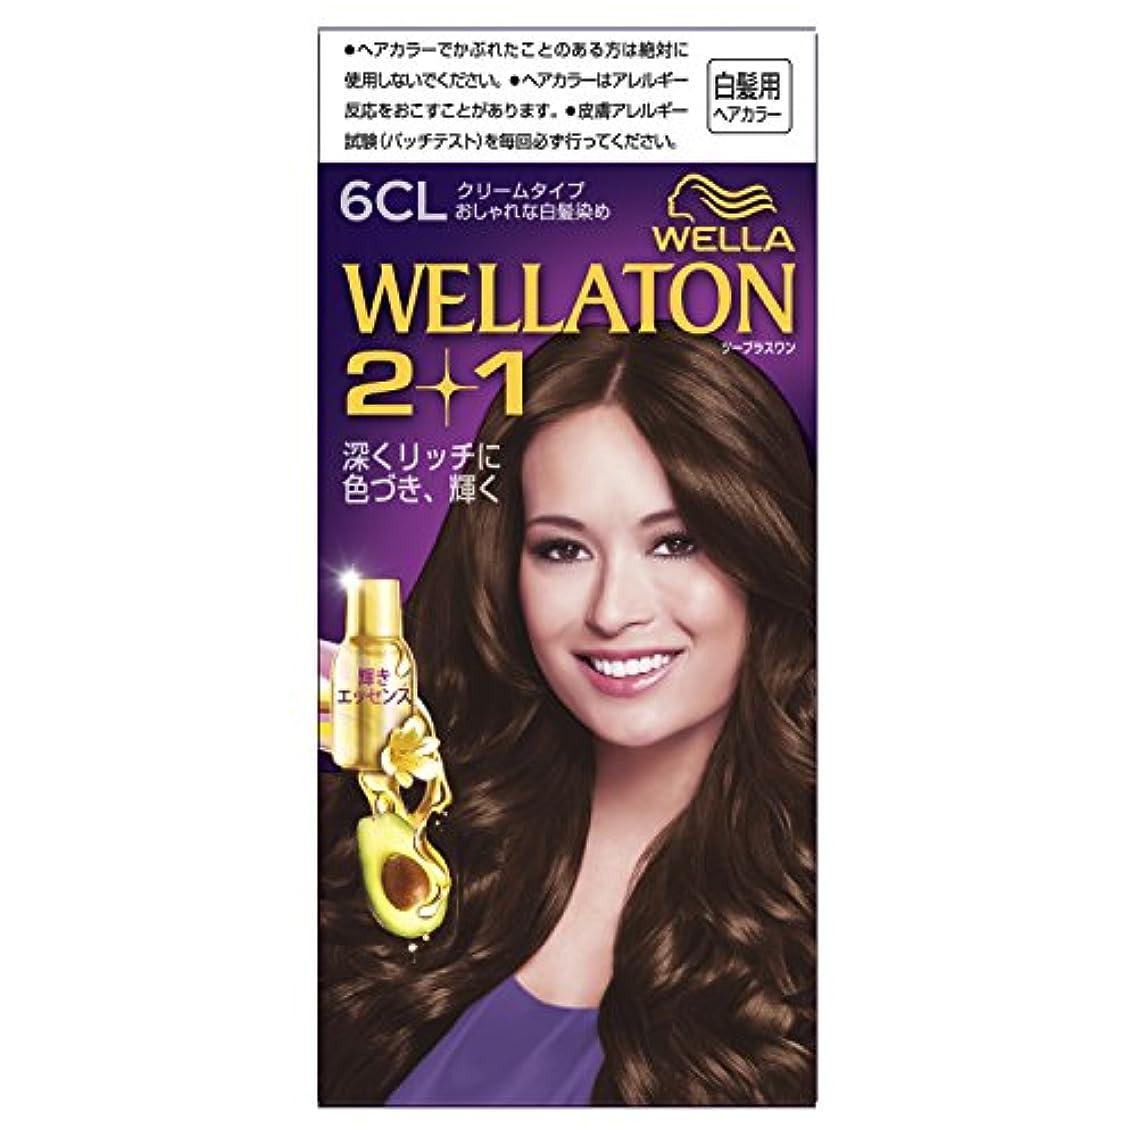 製造太い成分ウエラトーン2+1 クリームタイプ 6CL [医薬部外品](おしゃれな白髪染め)